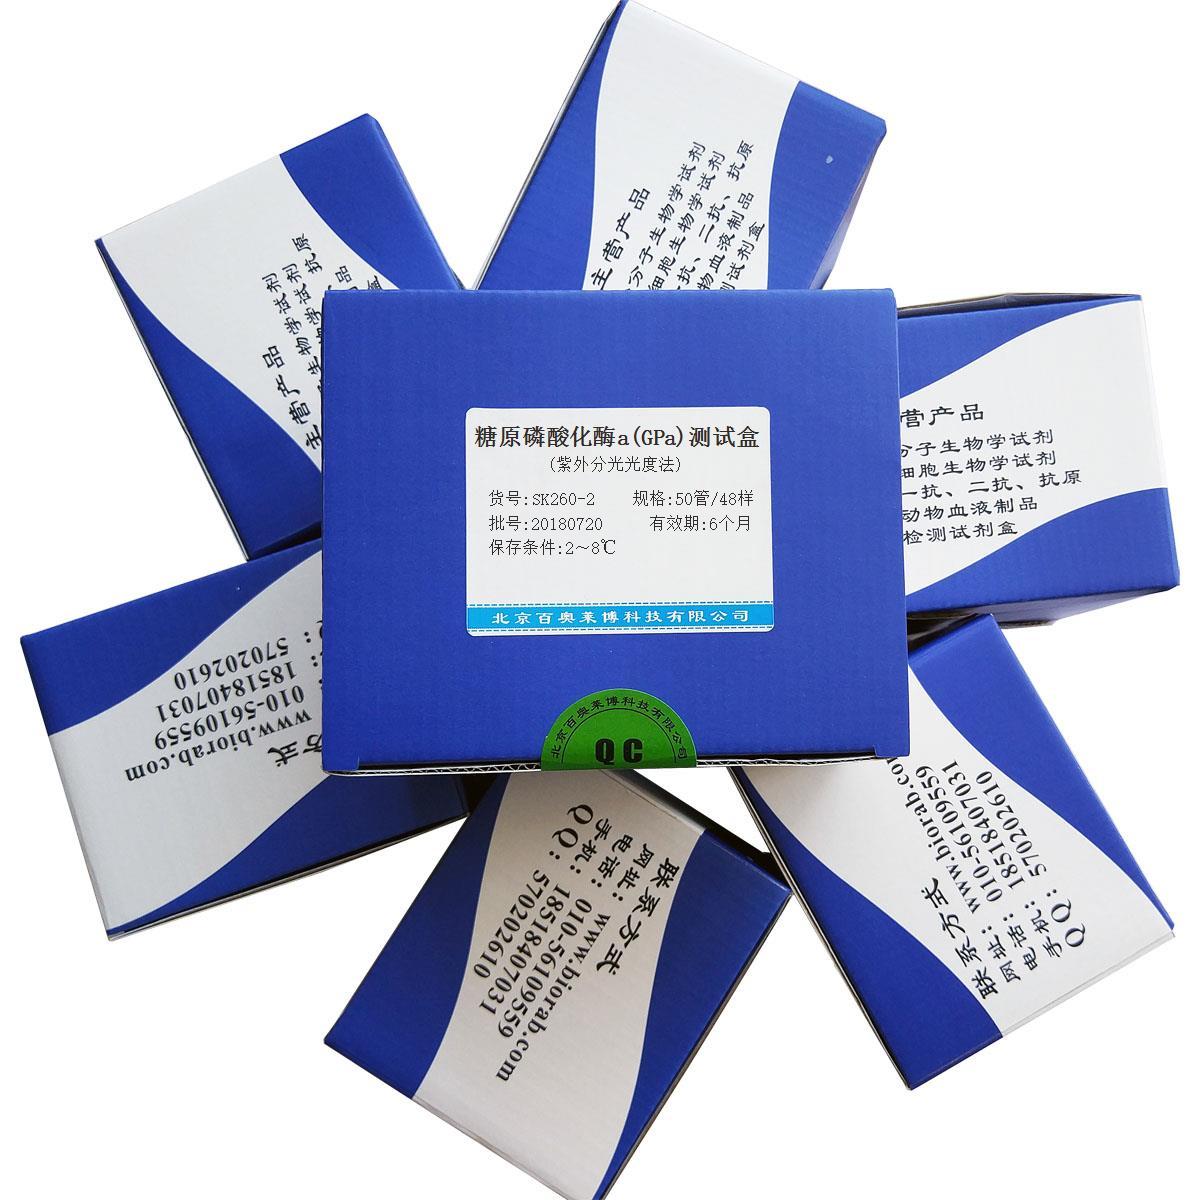 糖原磷酸化酶a(GPa)测试盒(紫外分光光度法)